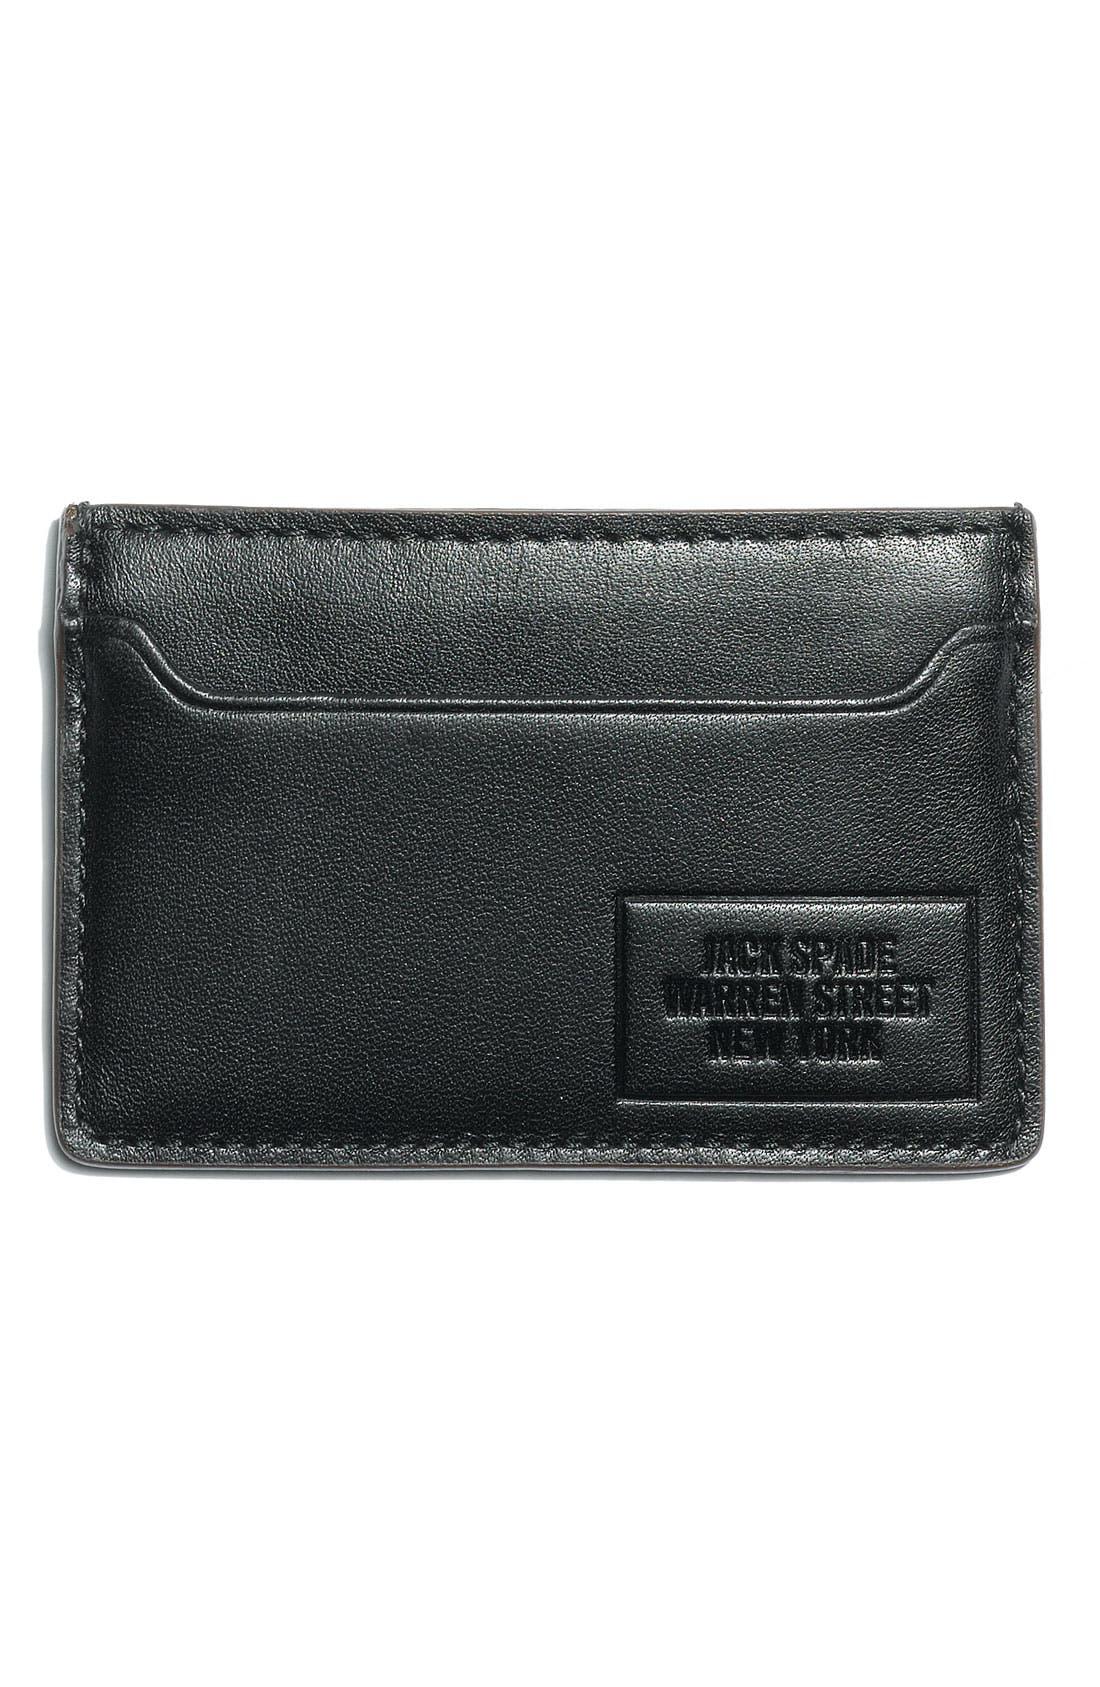 Main Image - Jack Spade Leather Credit Card Holder